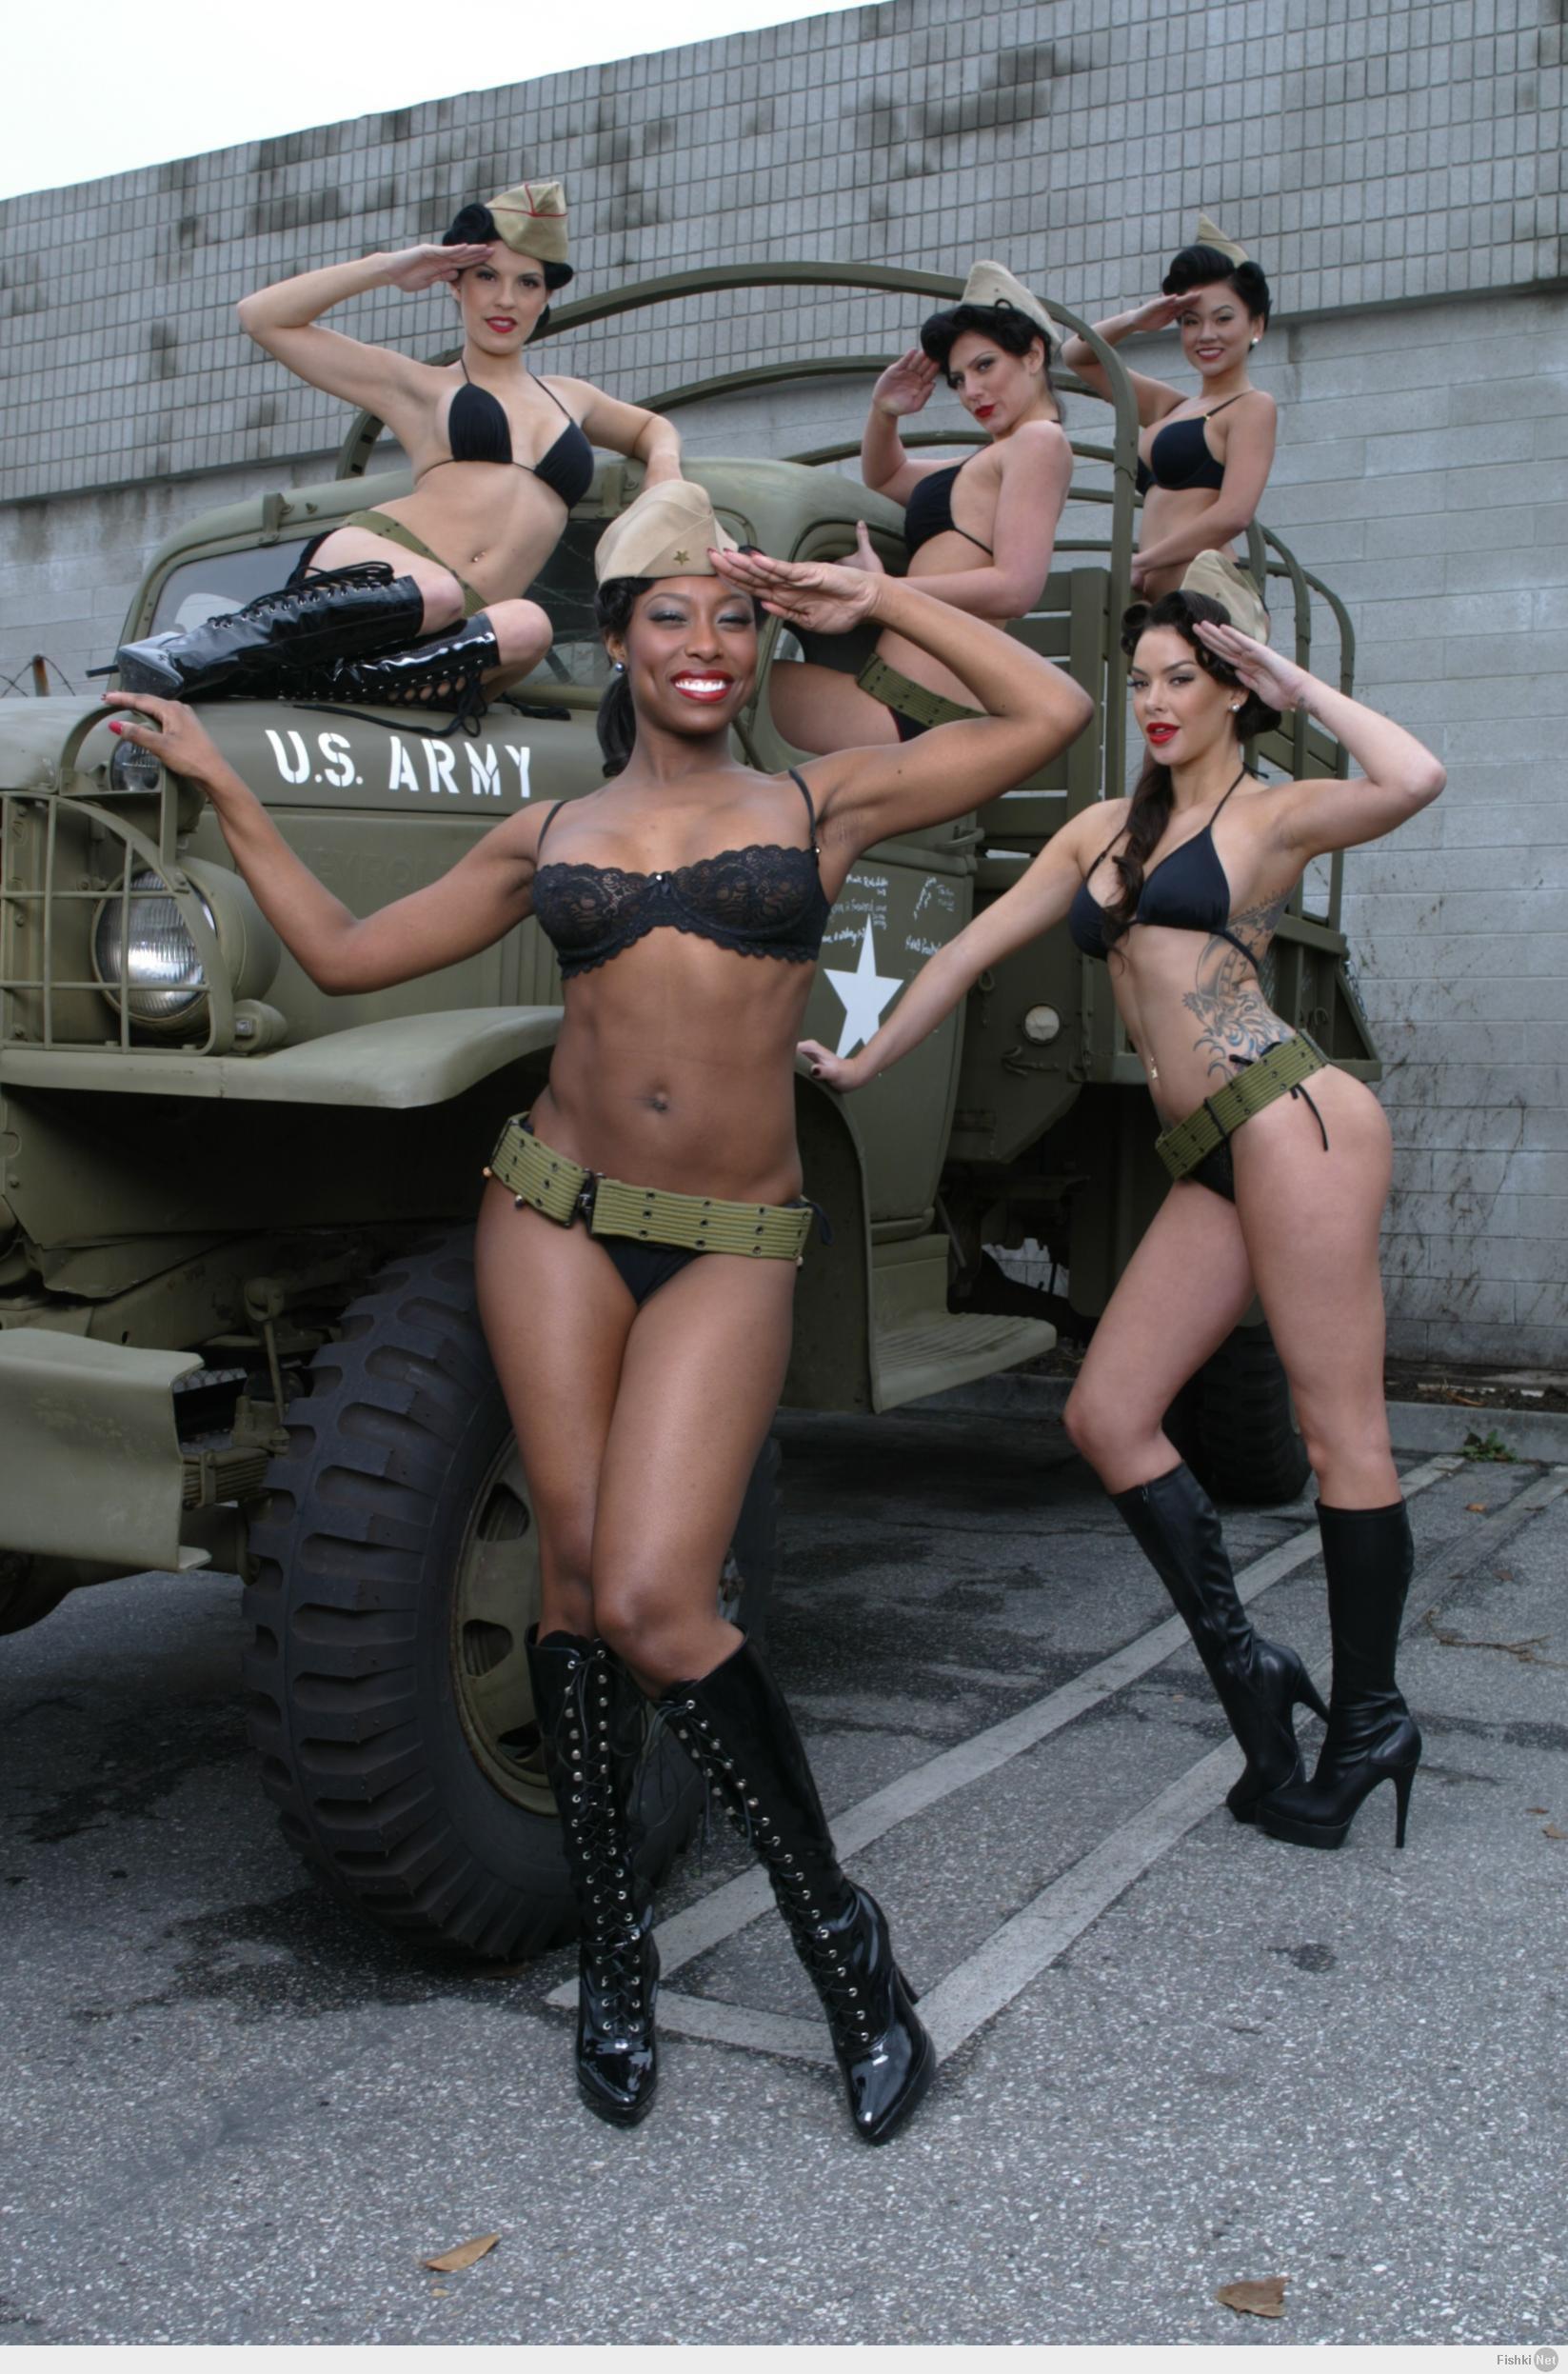 Женщин в армии фото сексуальных